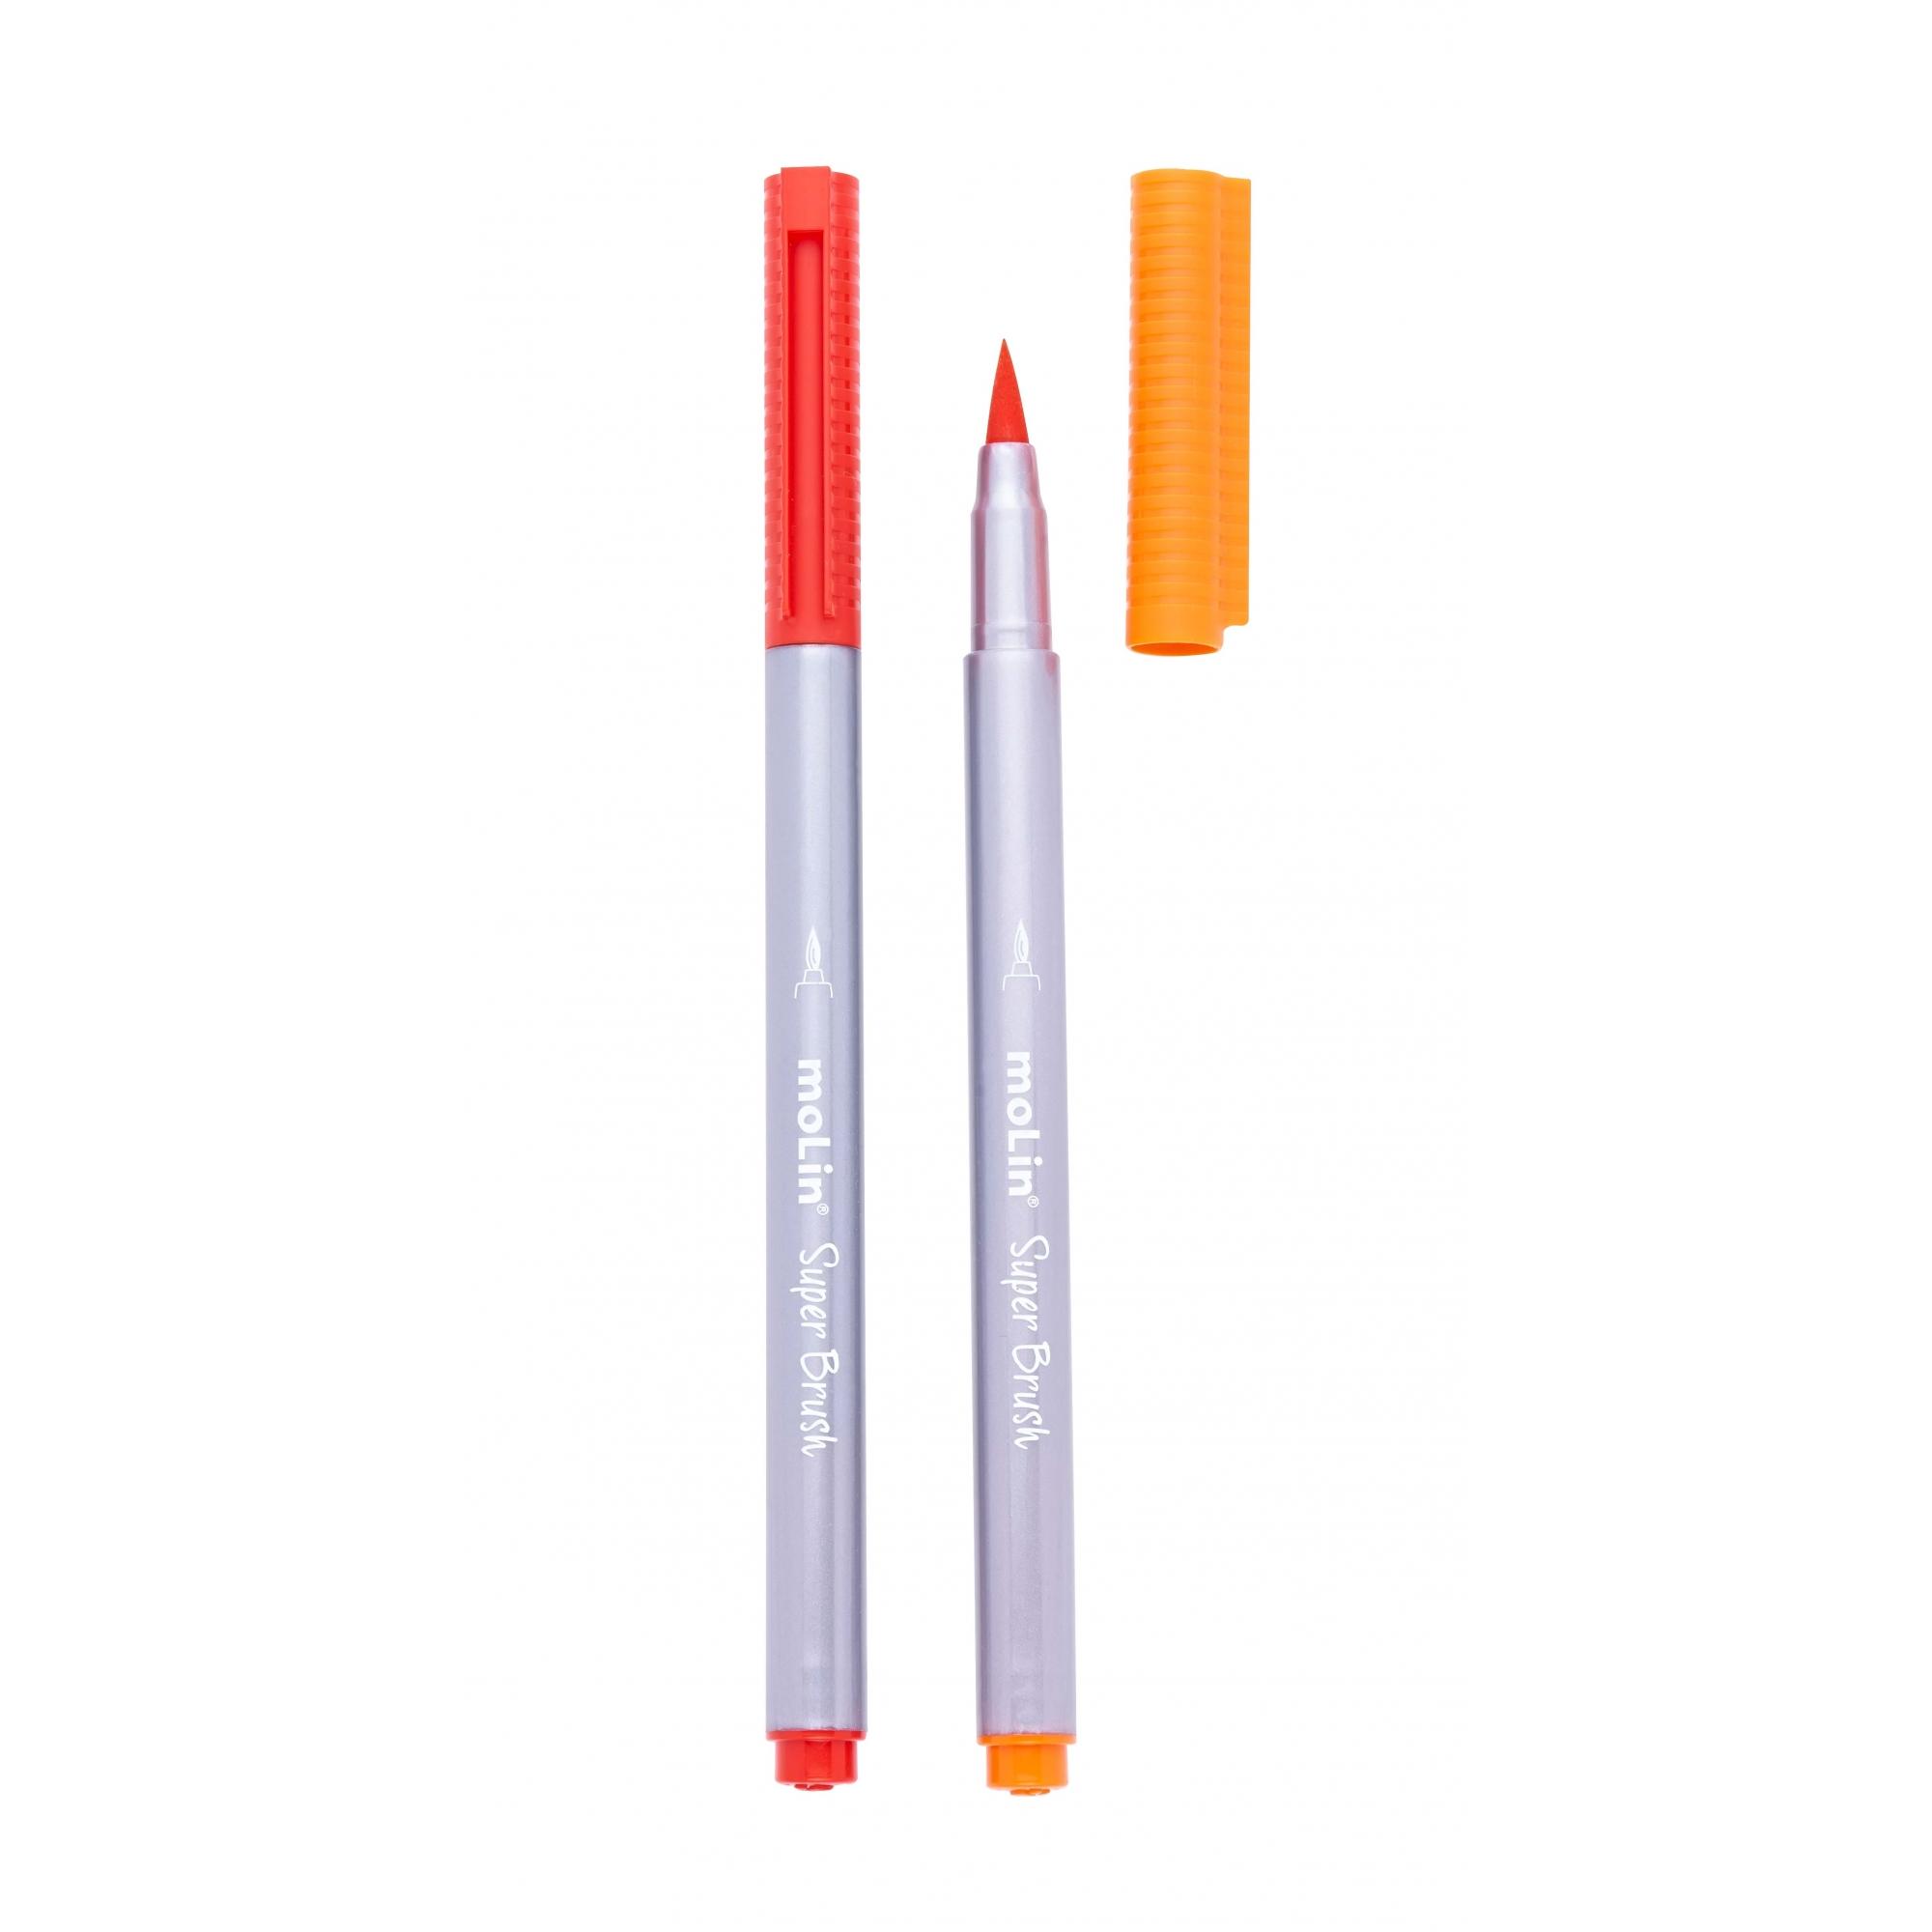 Caneta Super Brush Molin - Estojo com 12 cores, ponta pincel